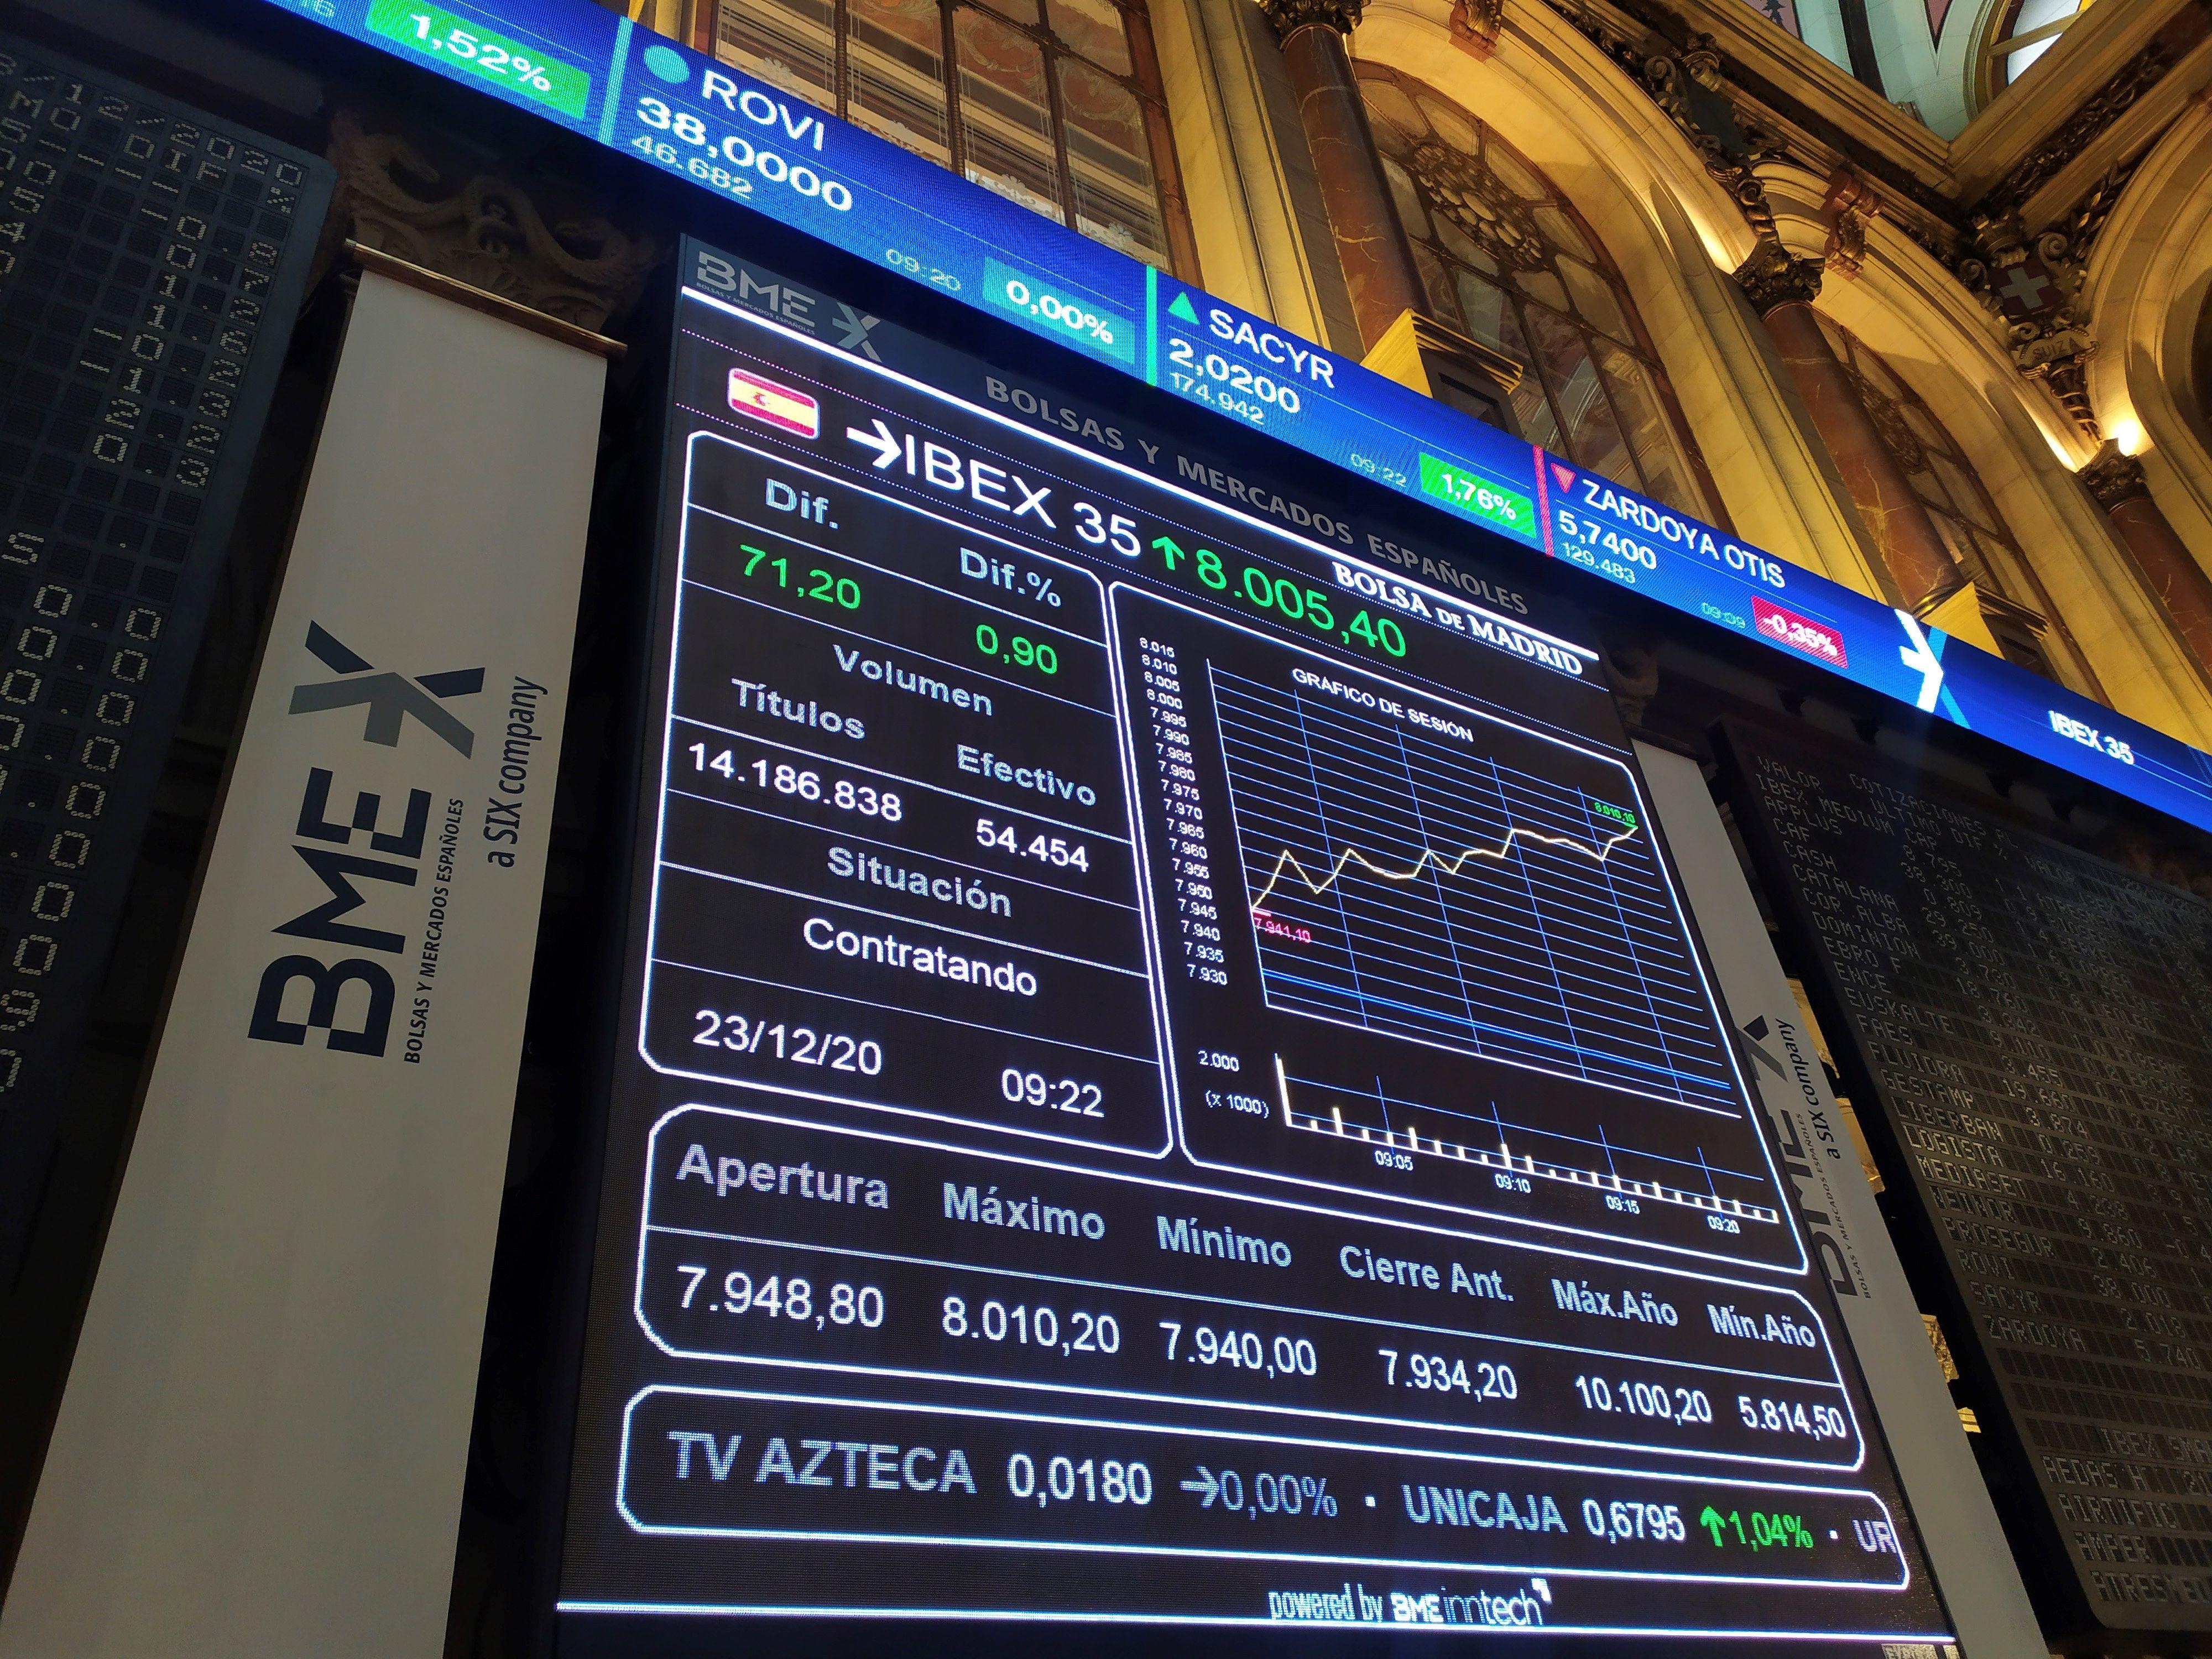 Una pantalla muestra la evolución del IBEX 35 tras la apertura de la sesión este miércoles en el parqué madrileño